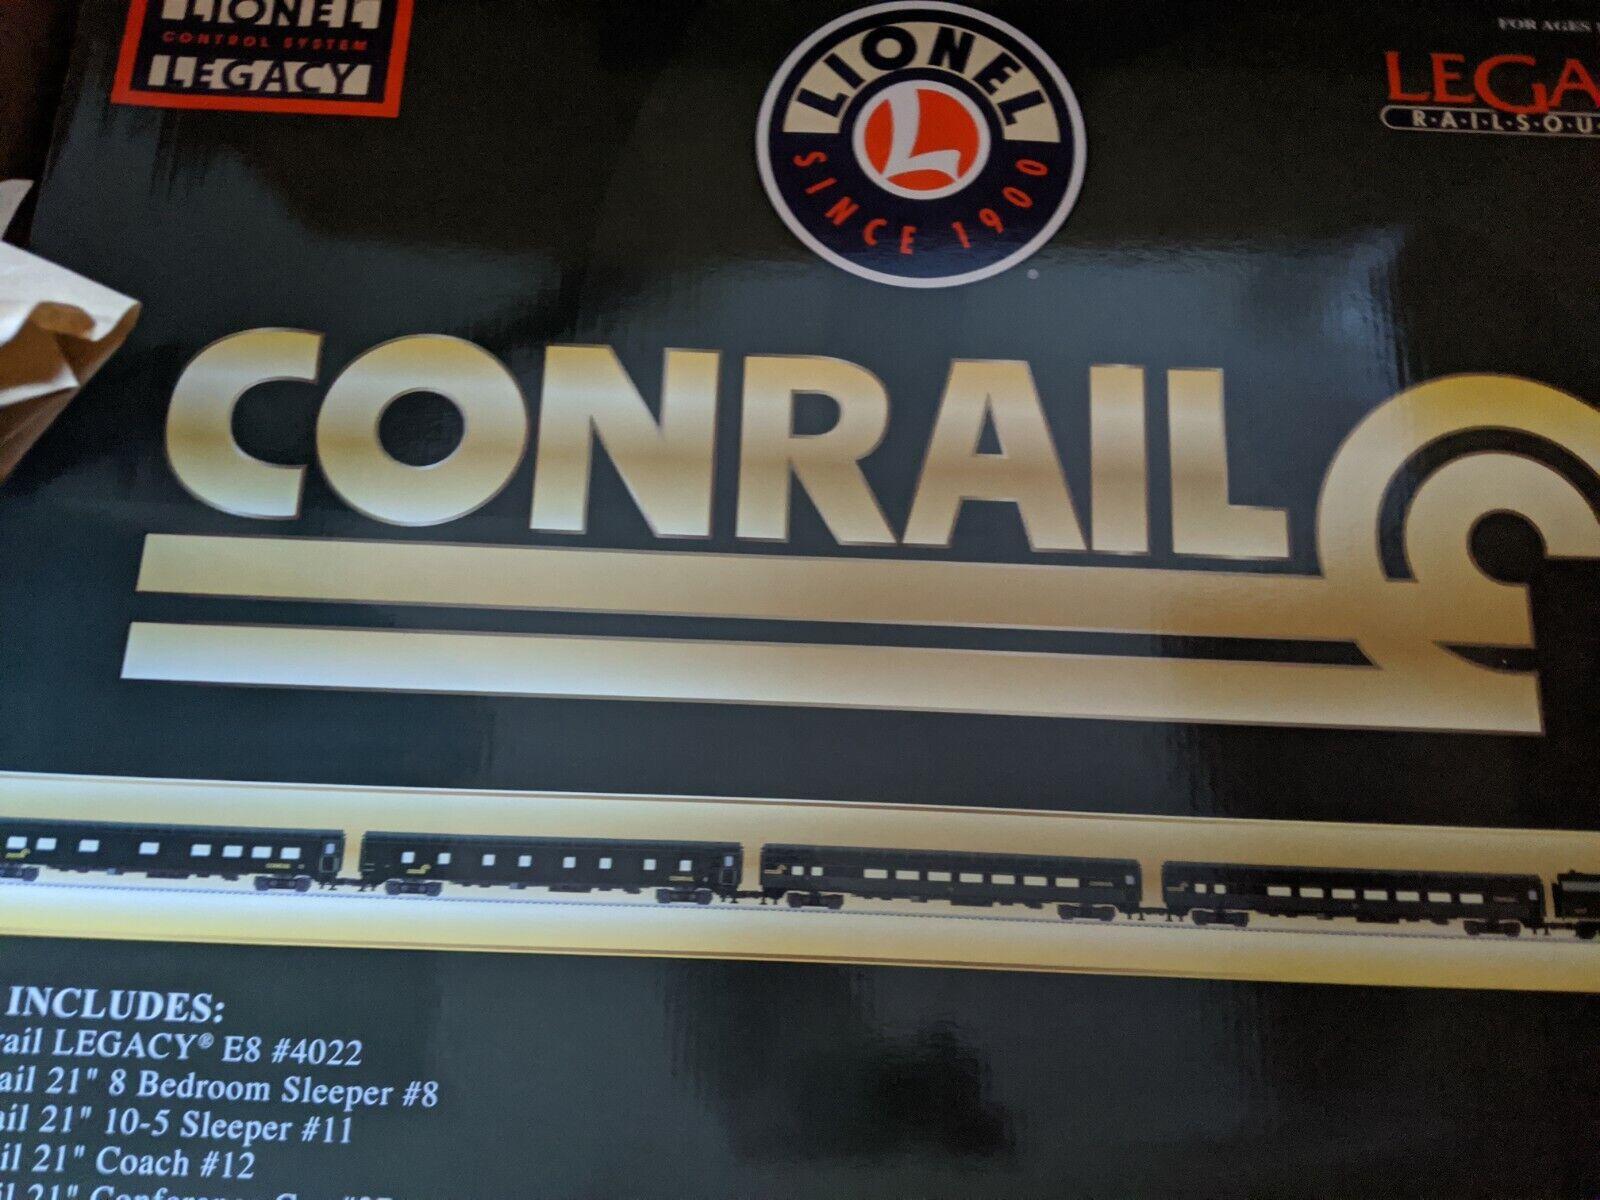 Lionel Conrail 'Ufficio auto specialee SET